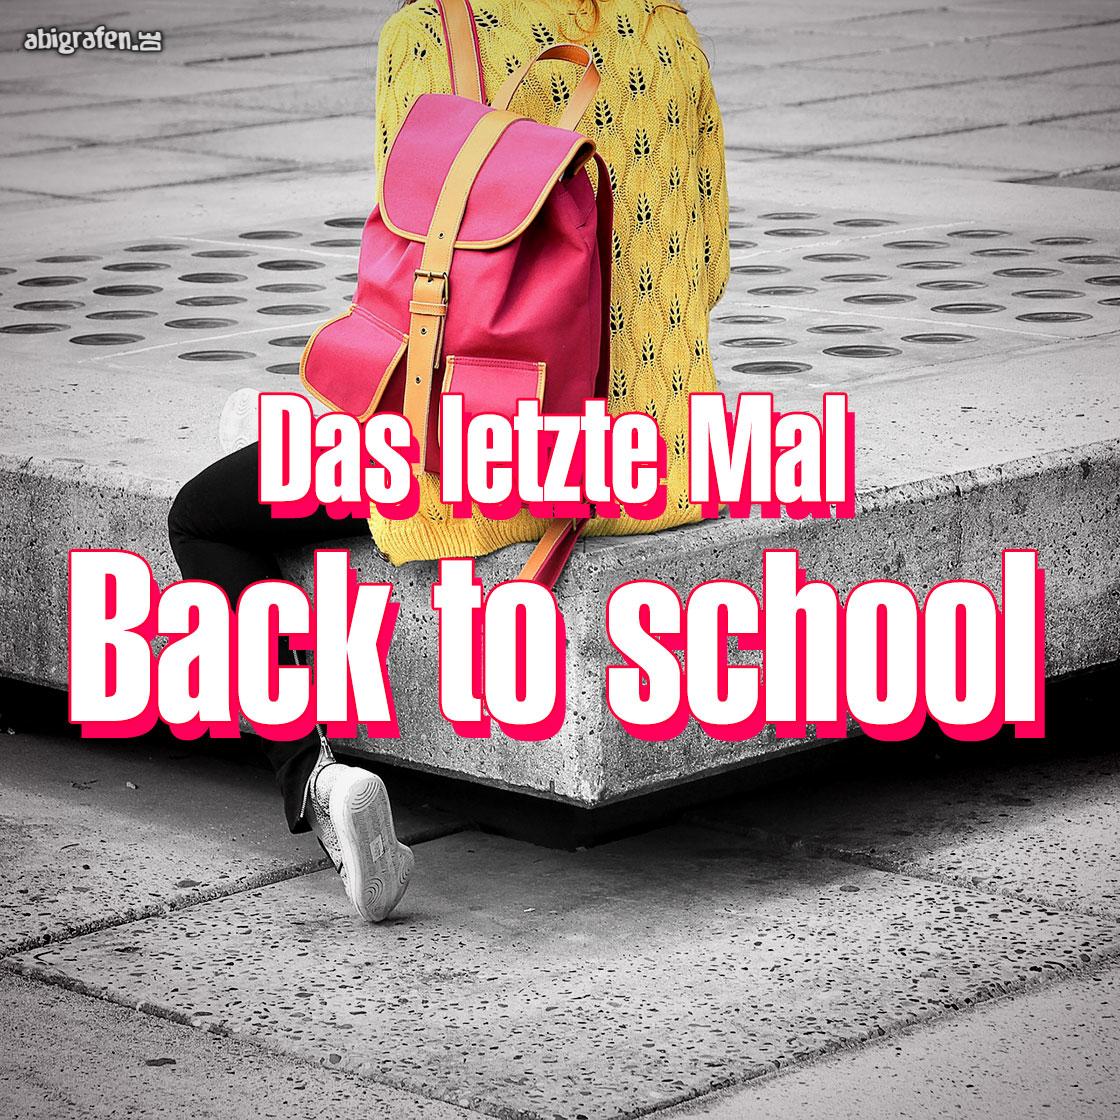 Back to School: Das letzte Jahr